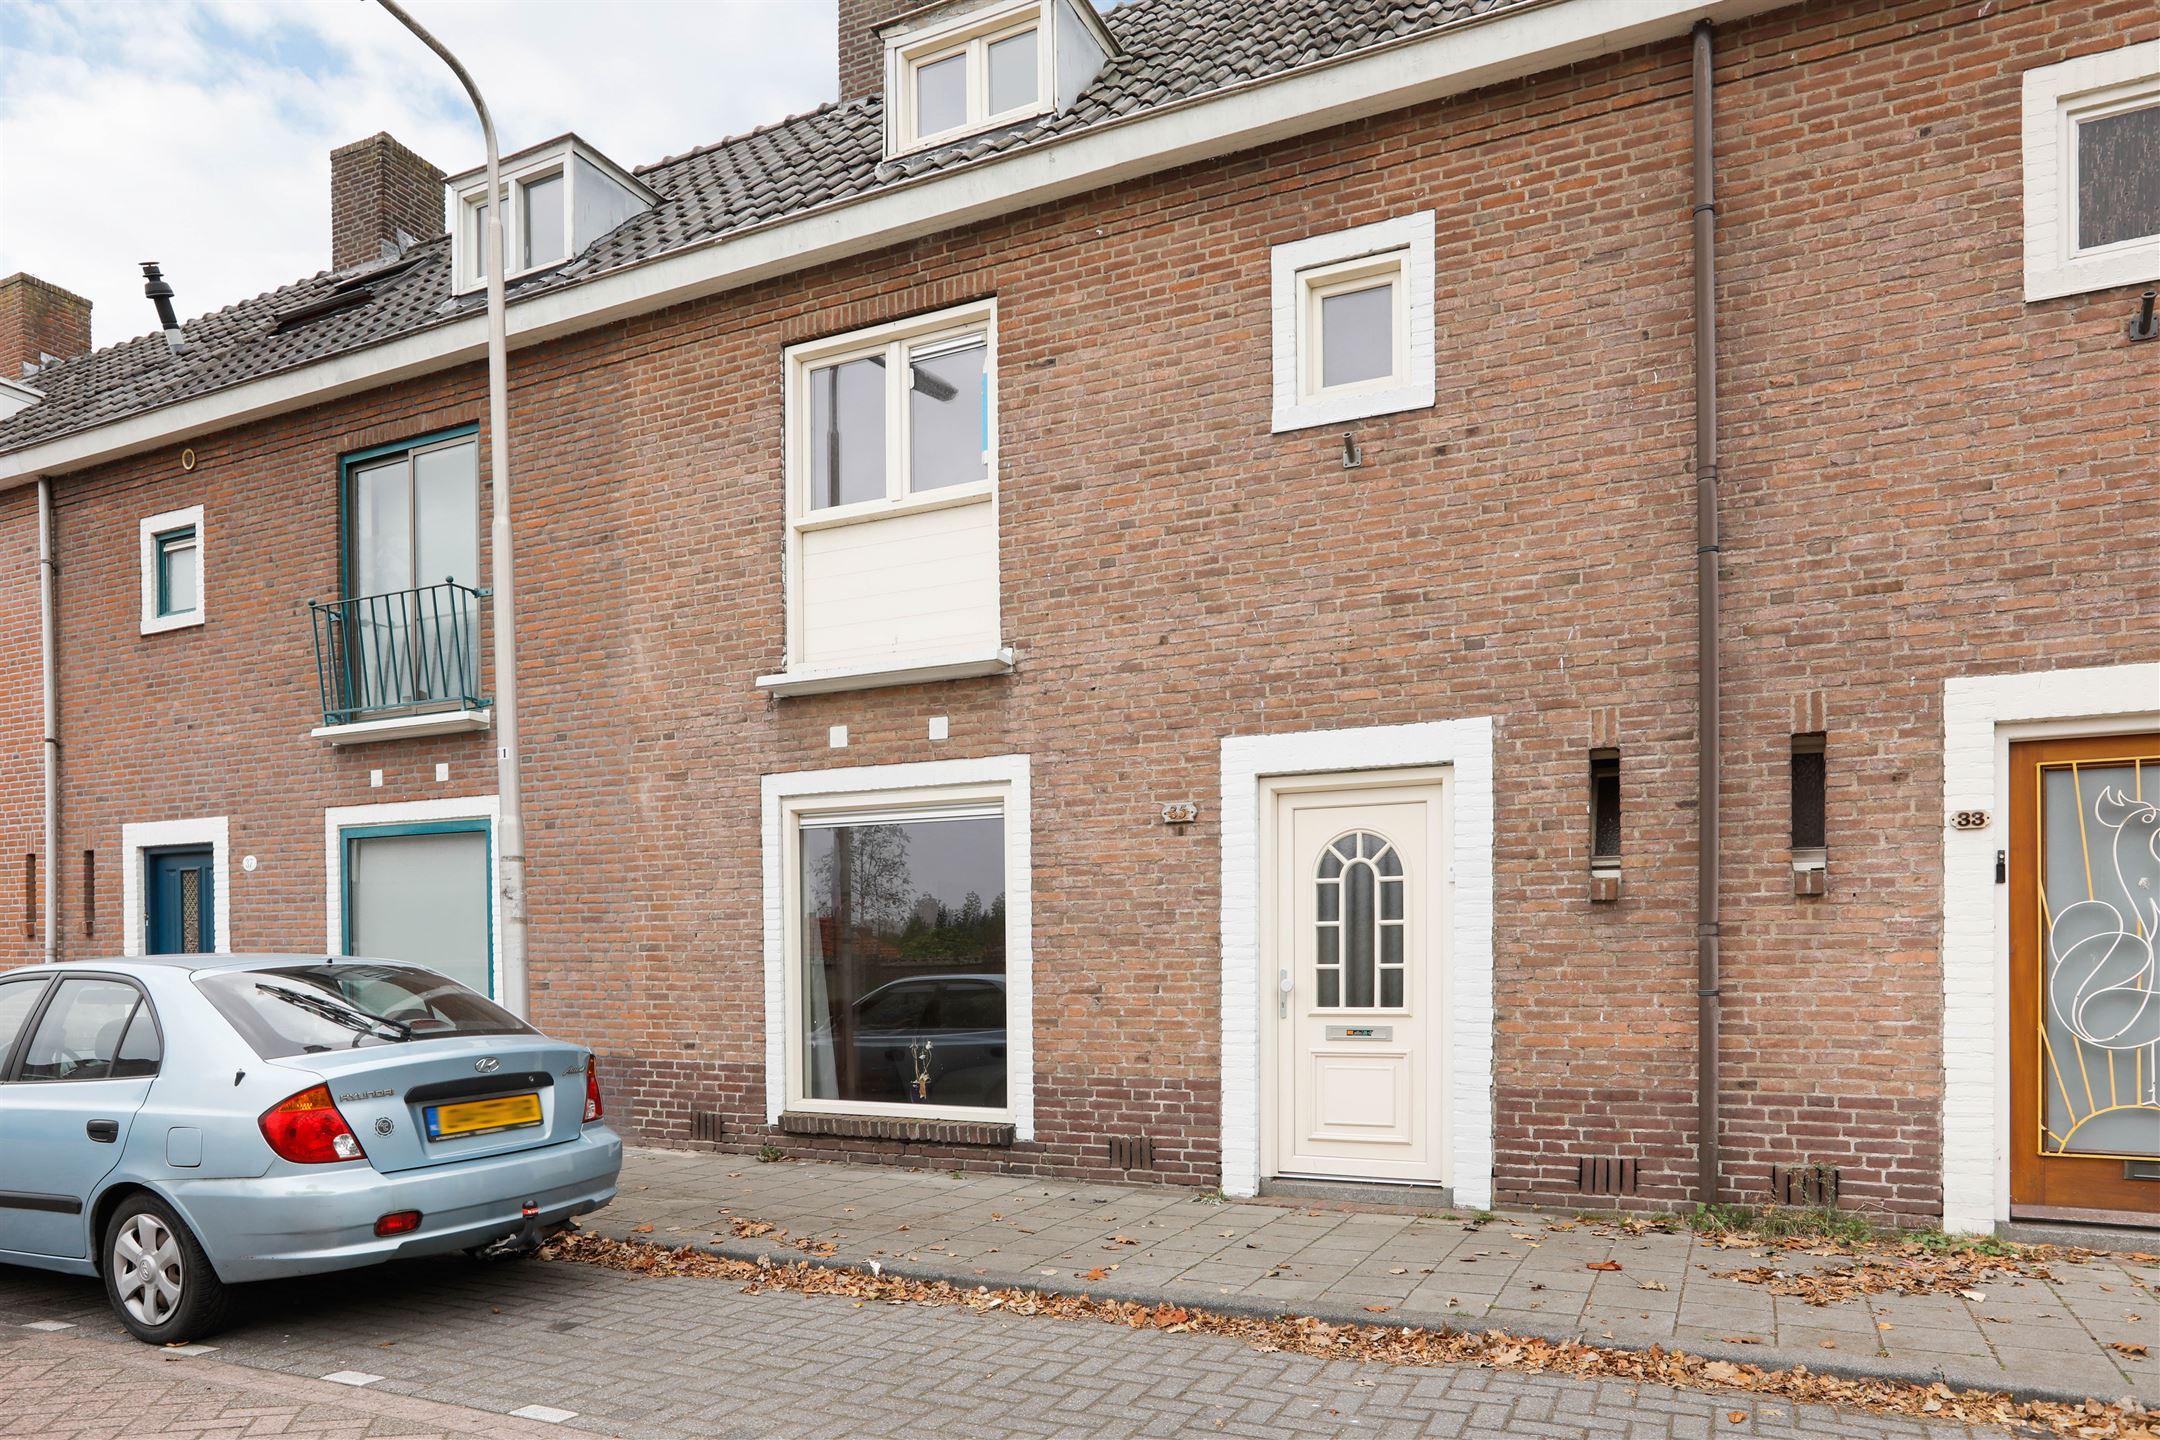 Huis te koop: kaapkoloniestraat 35 5025 bs tilburg [funda]